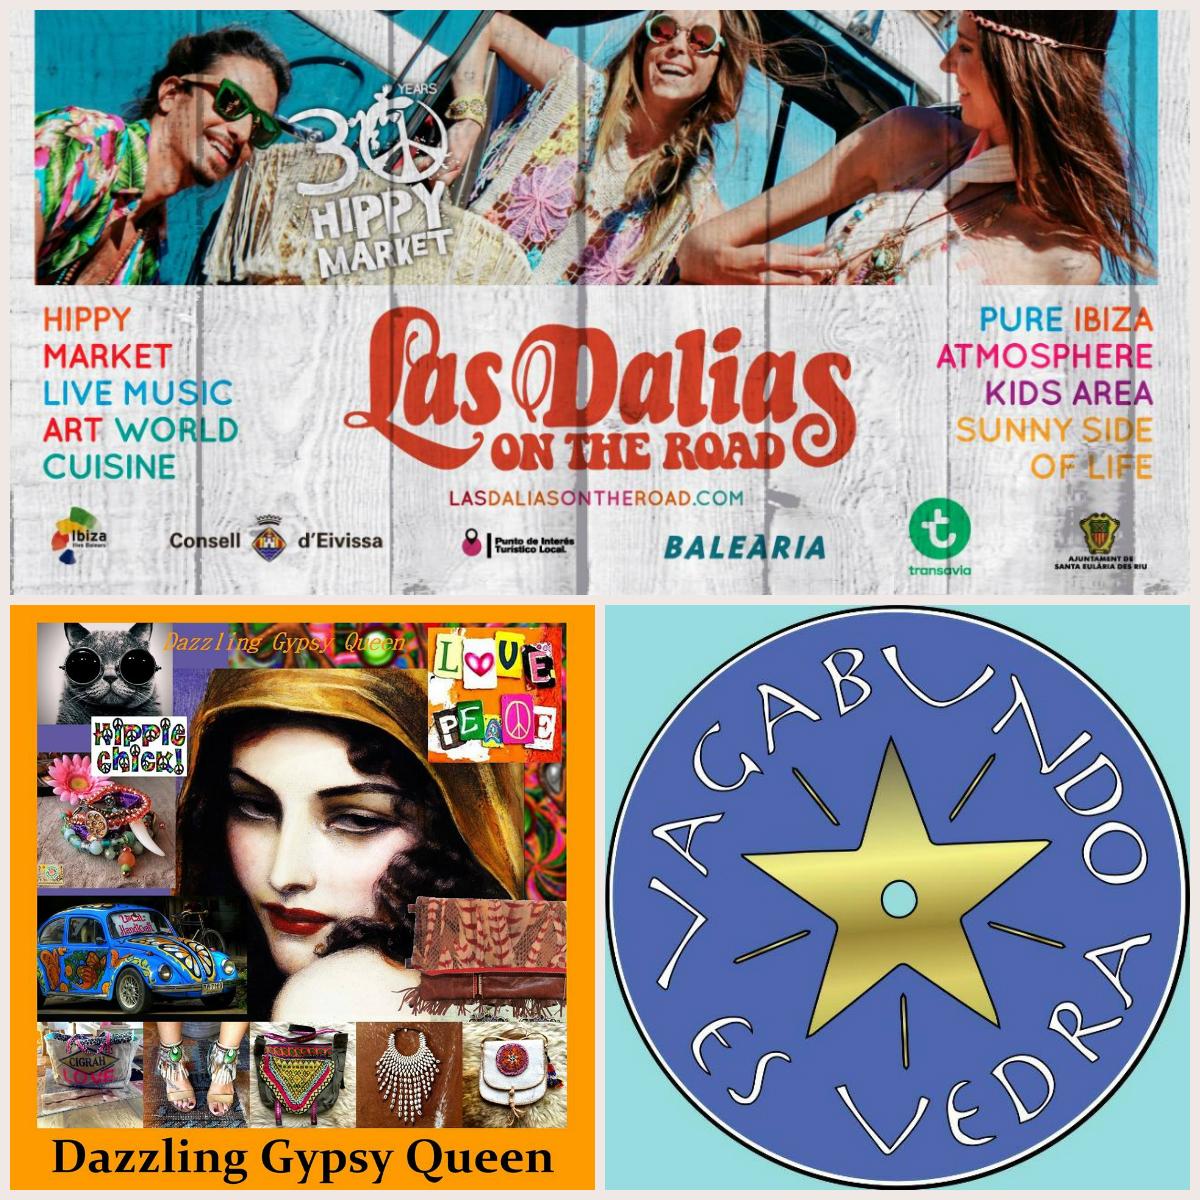 Dazzling Gypsy Queen & Vagabundo es Vedra @ La Dalias on the road 2016